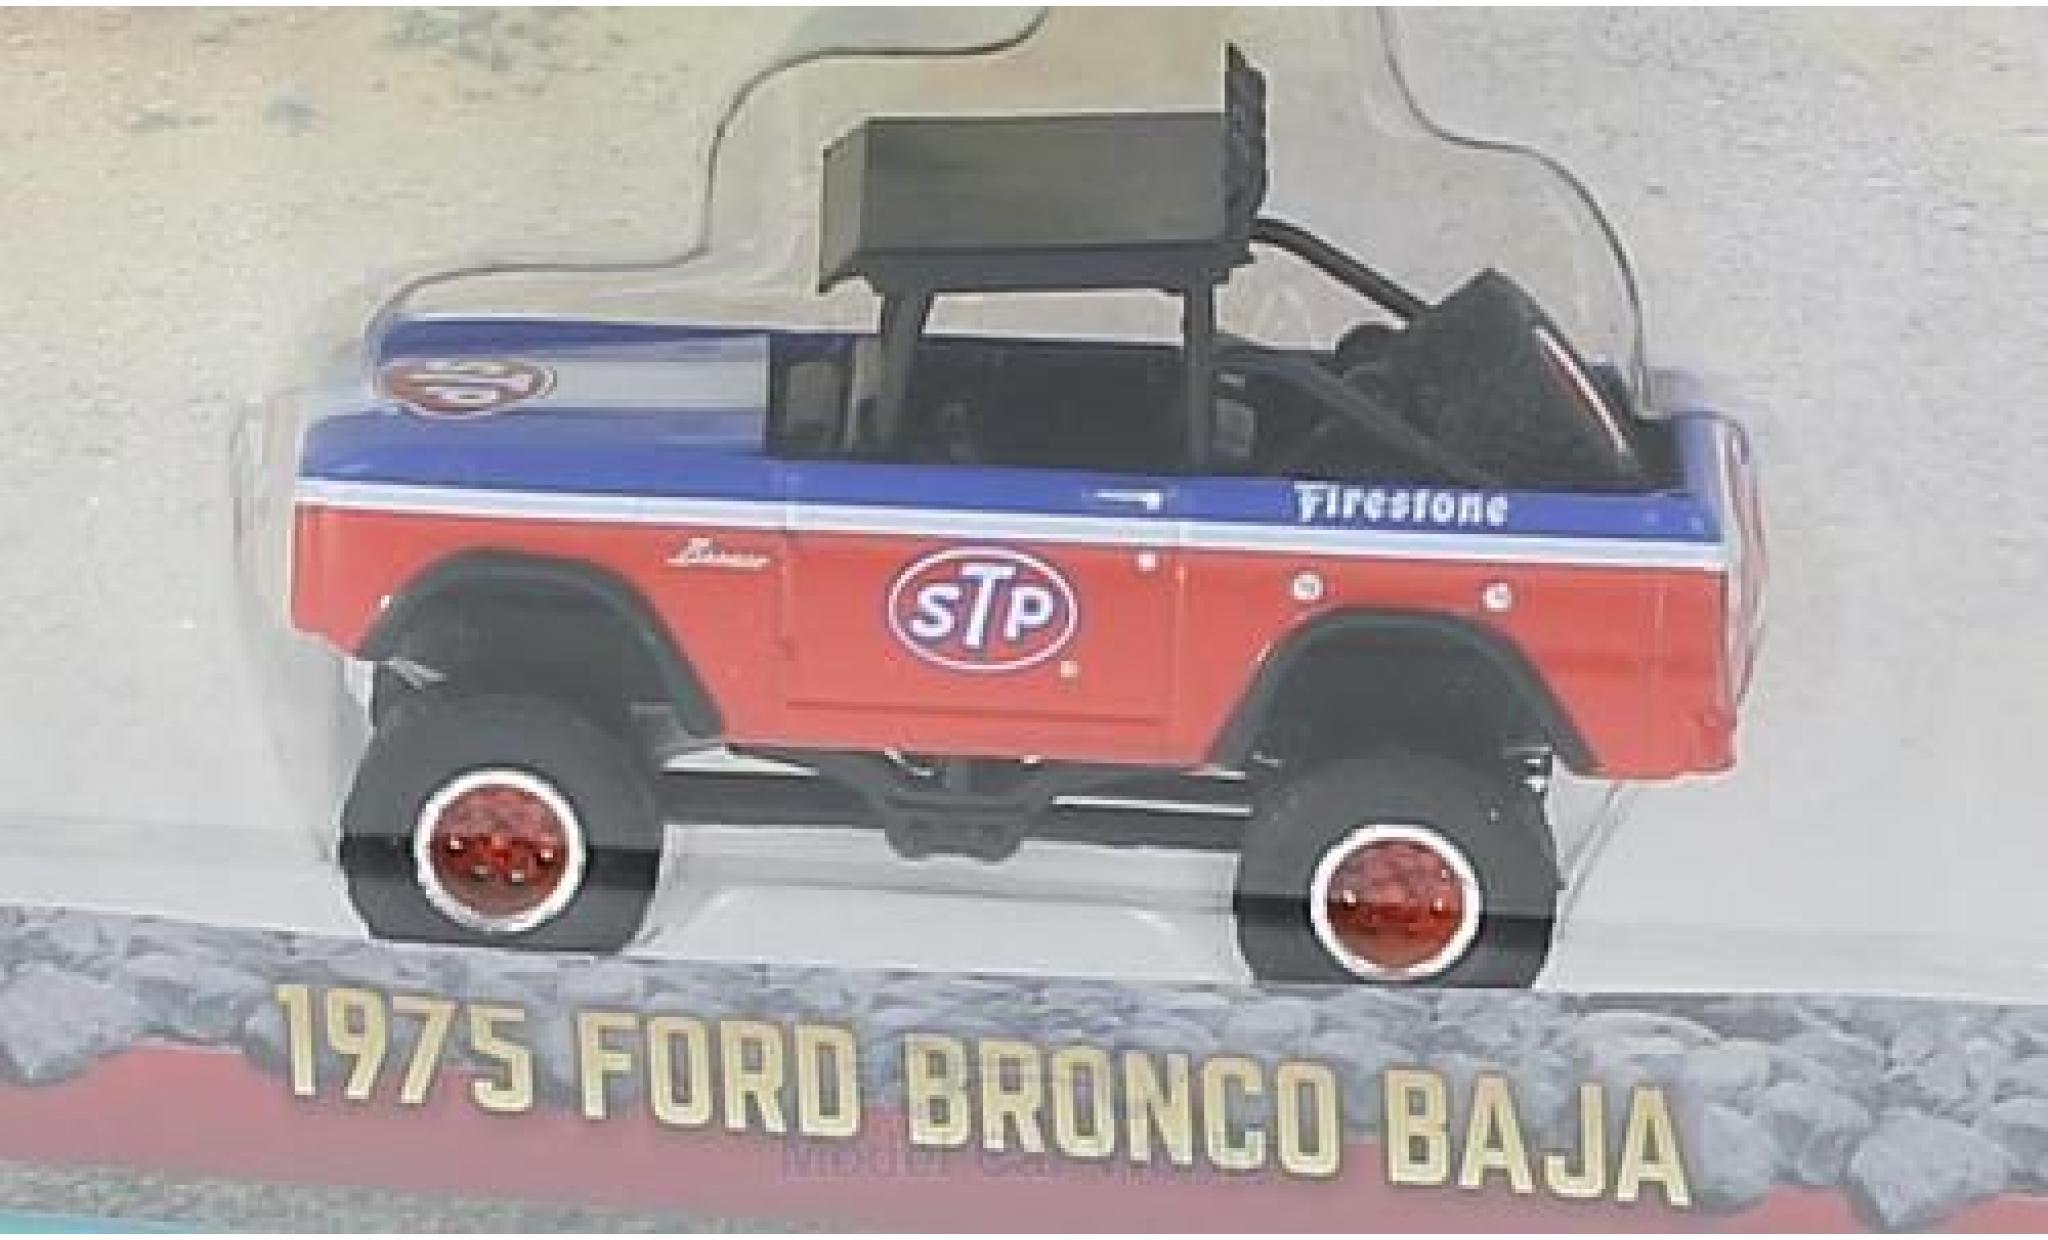 Ford Bronco 1/64 Greenlight Baja STP 1975